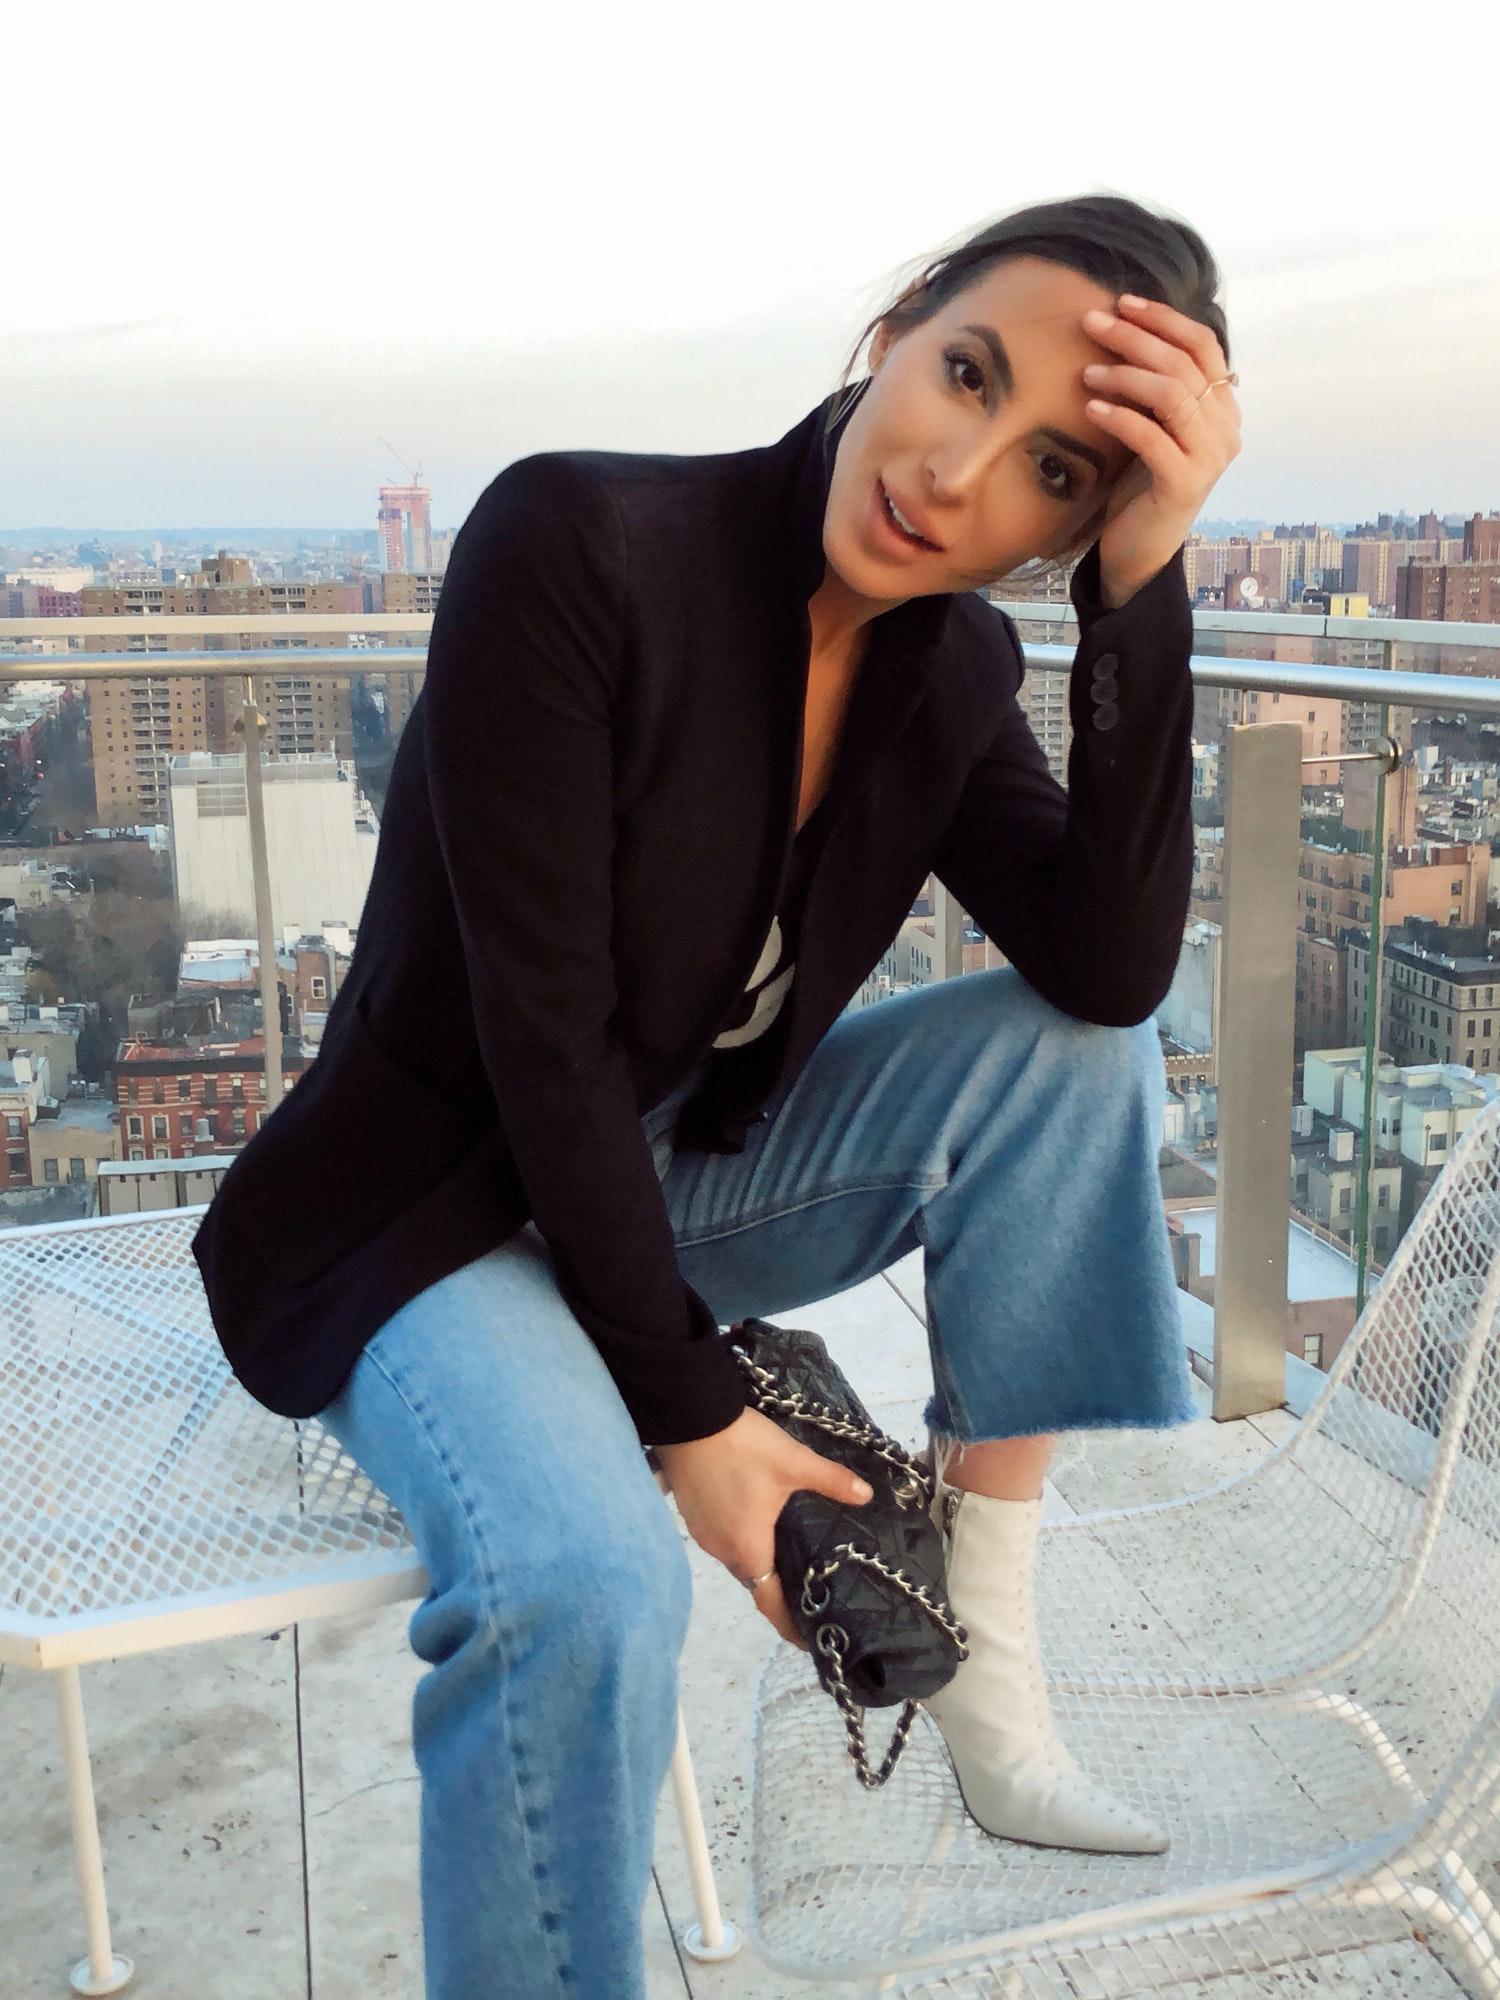 Lisa Richov